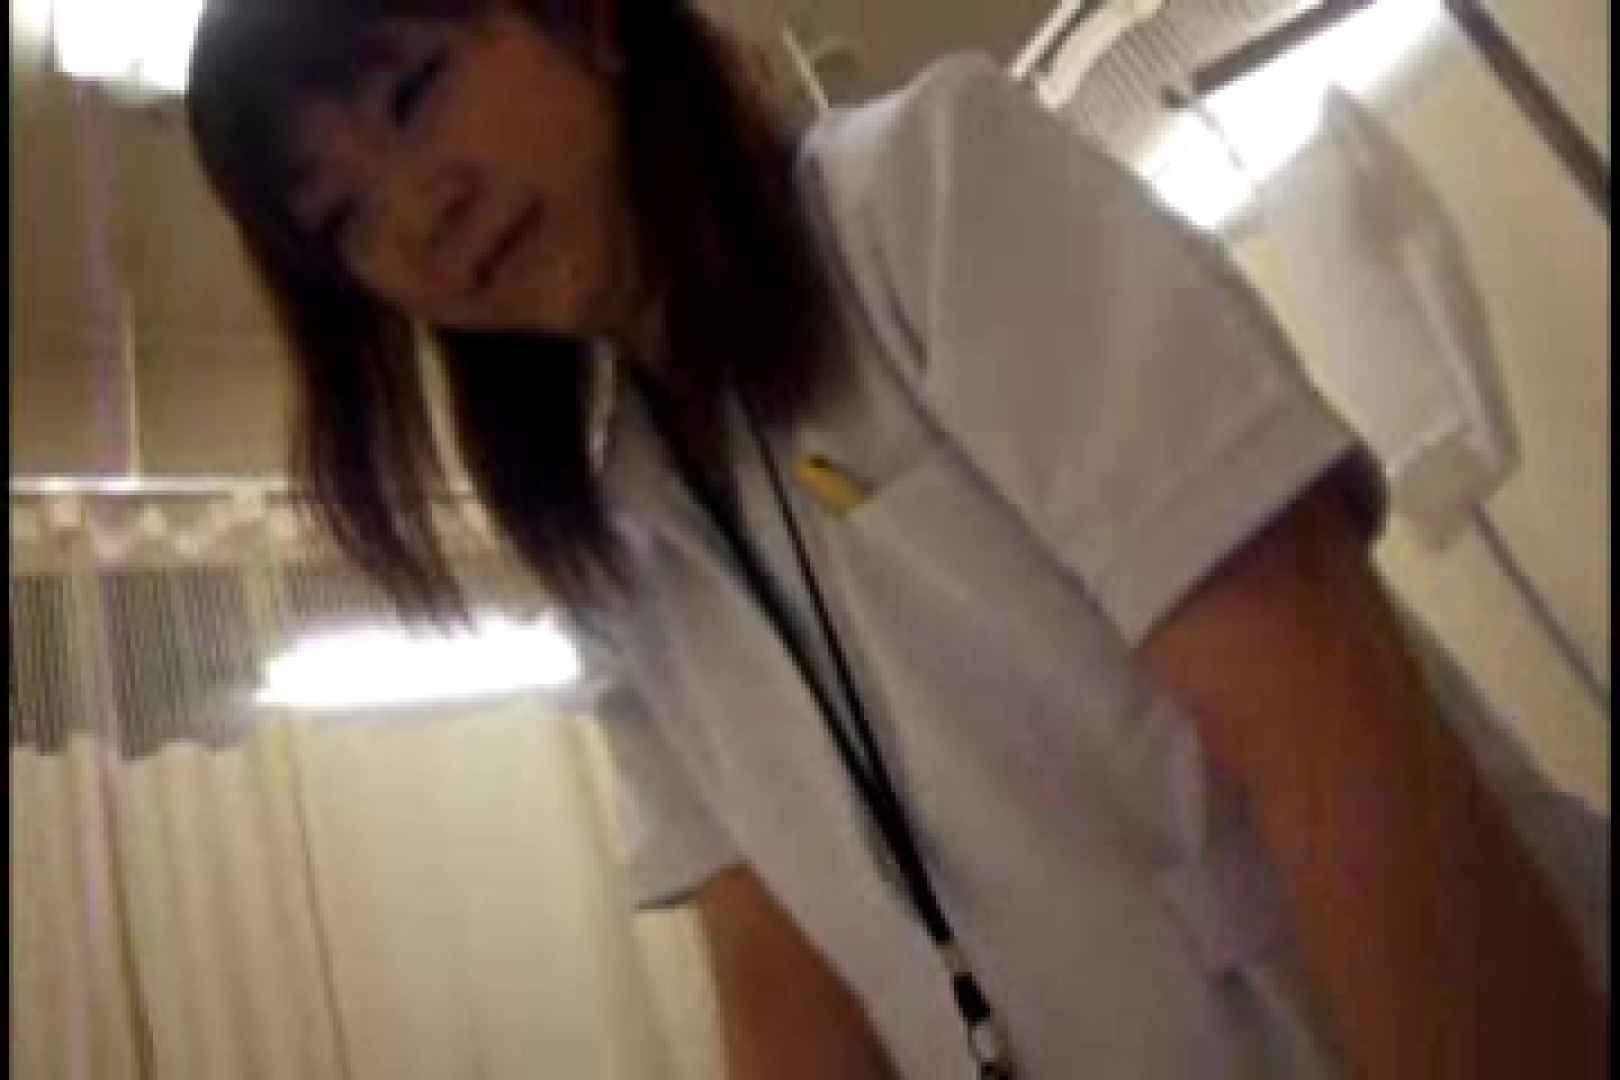 ヤリマンと呼ばれた看護士さんvol1 エッチなOL セックス無修正動画無料 99枚 44